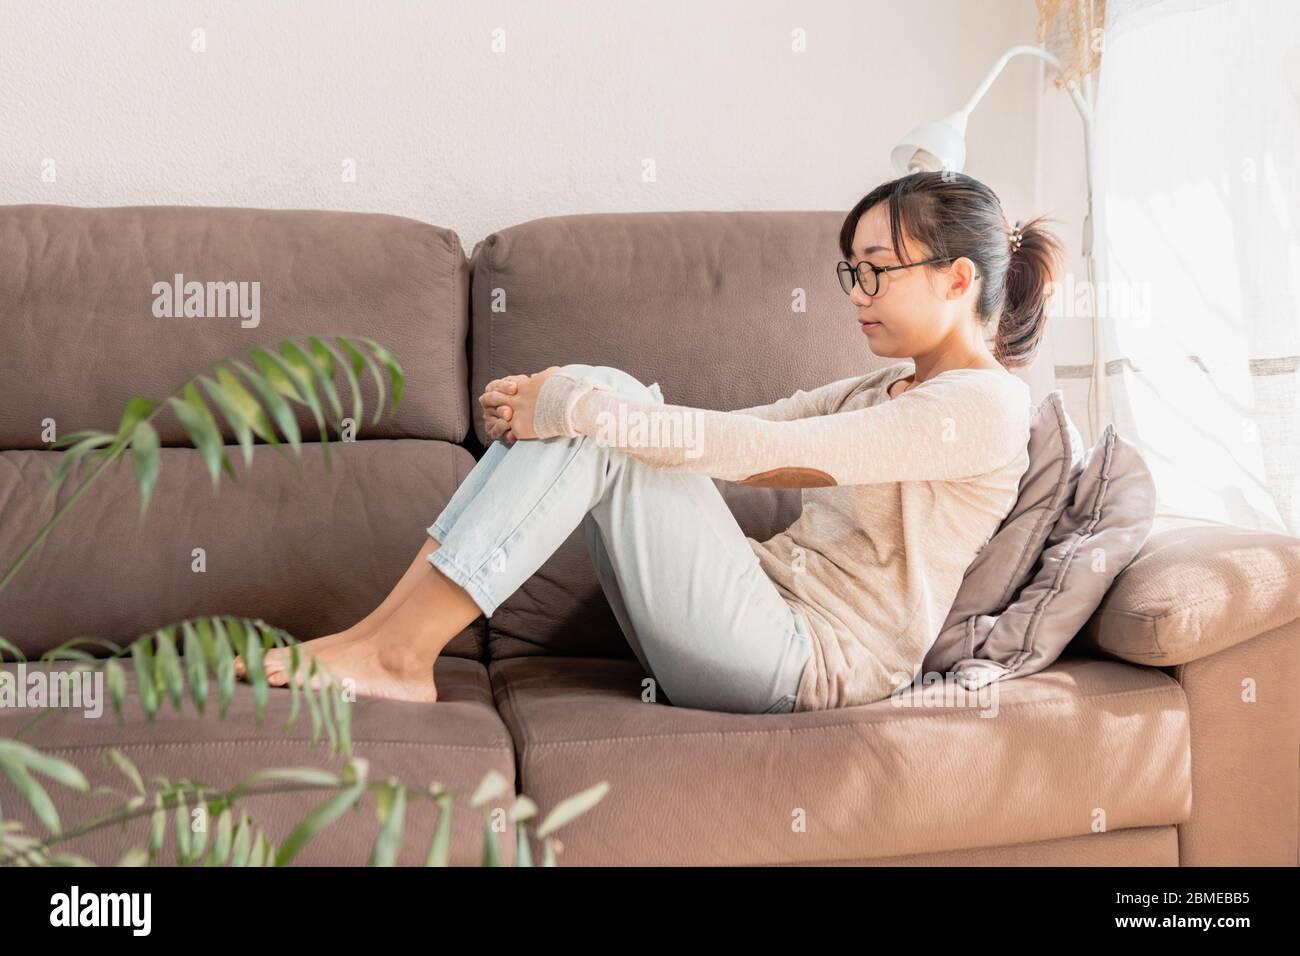 Mujer acostada en el sofá pensando y soñando despierto. Coronavirus permanecer en cuarentena en casa. Chica en el sofá relajante y meditando Foto de stock